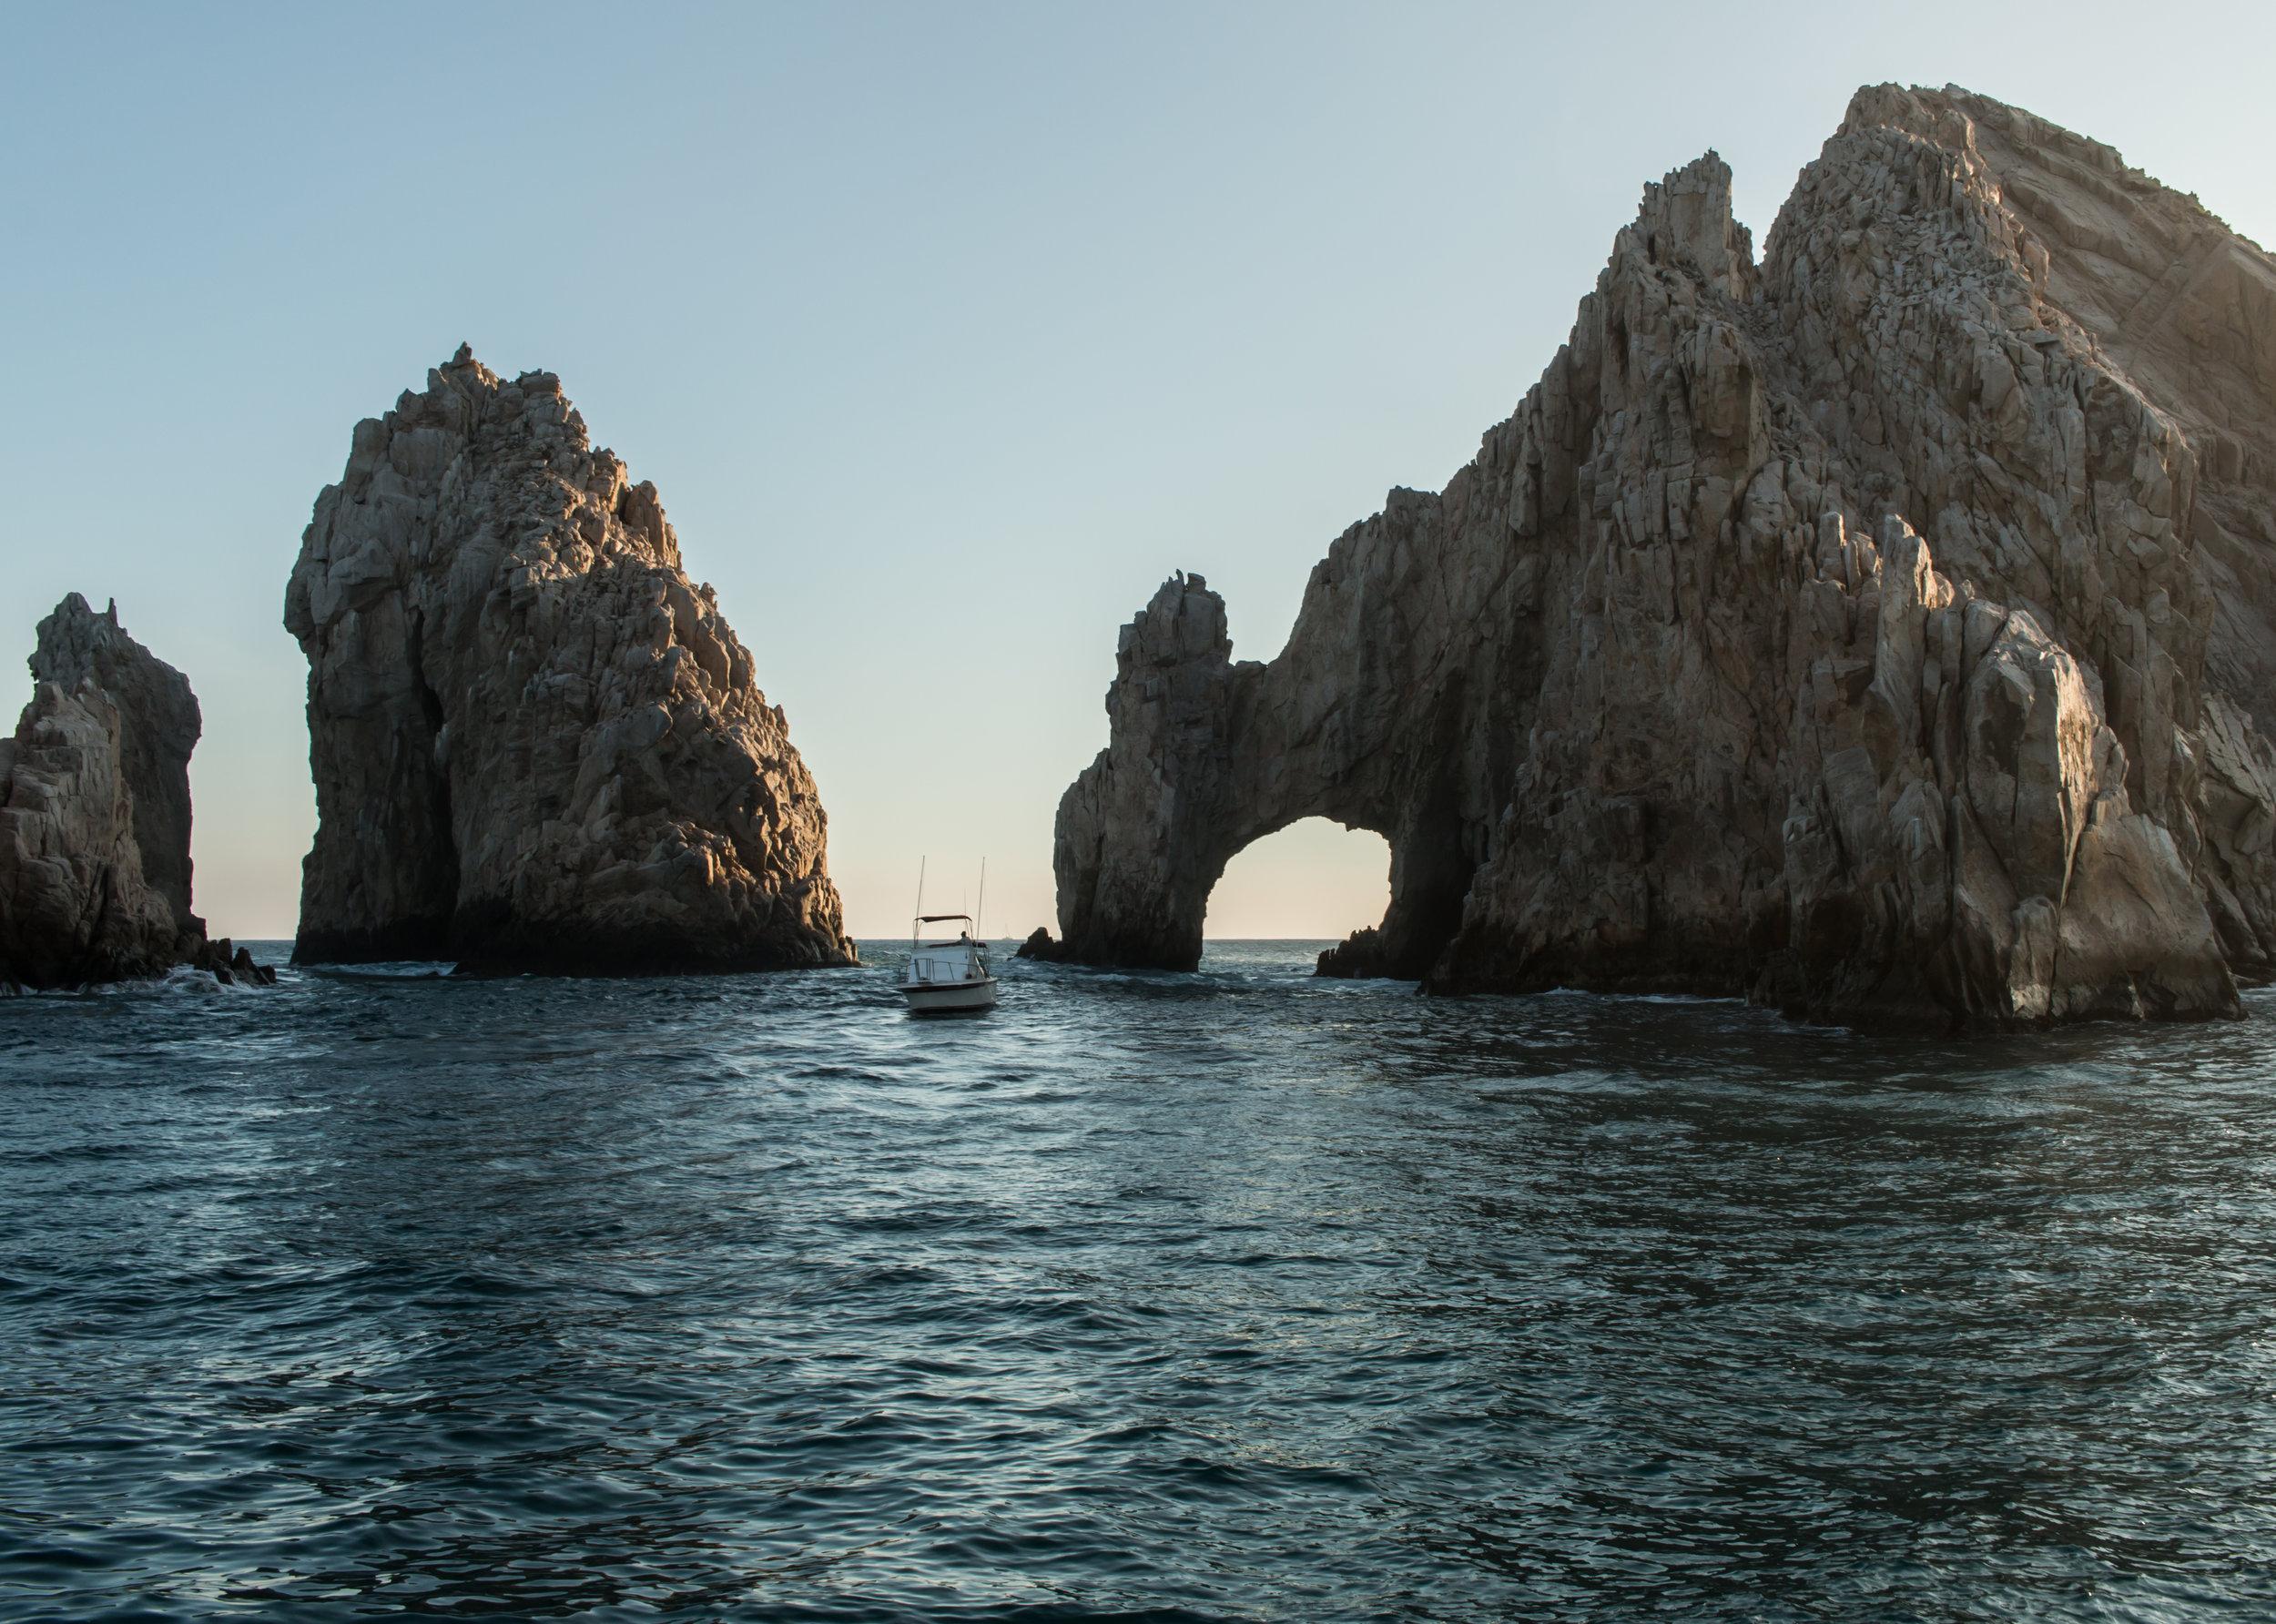 arch-sunset-cruise-tour-cabo-san-lucas-mexico